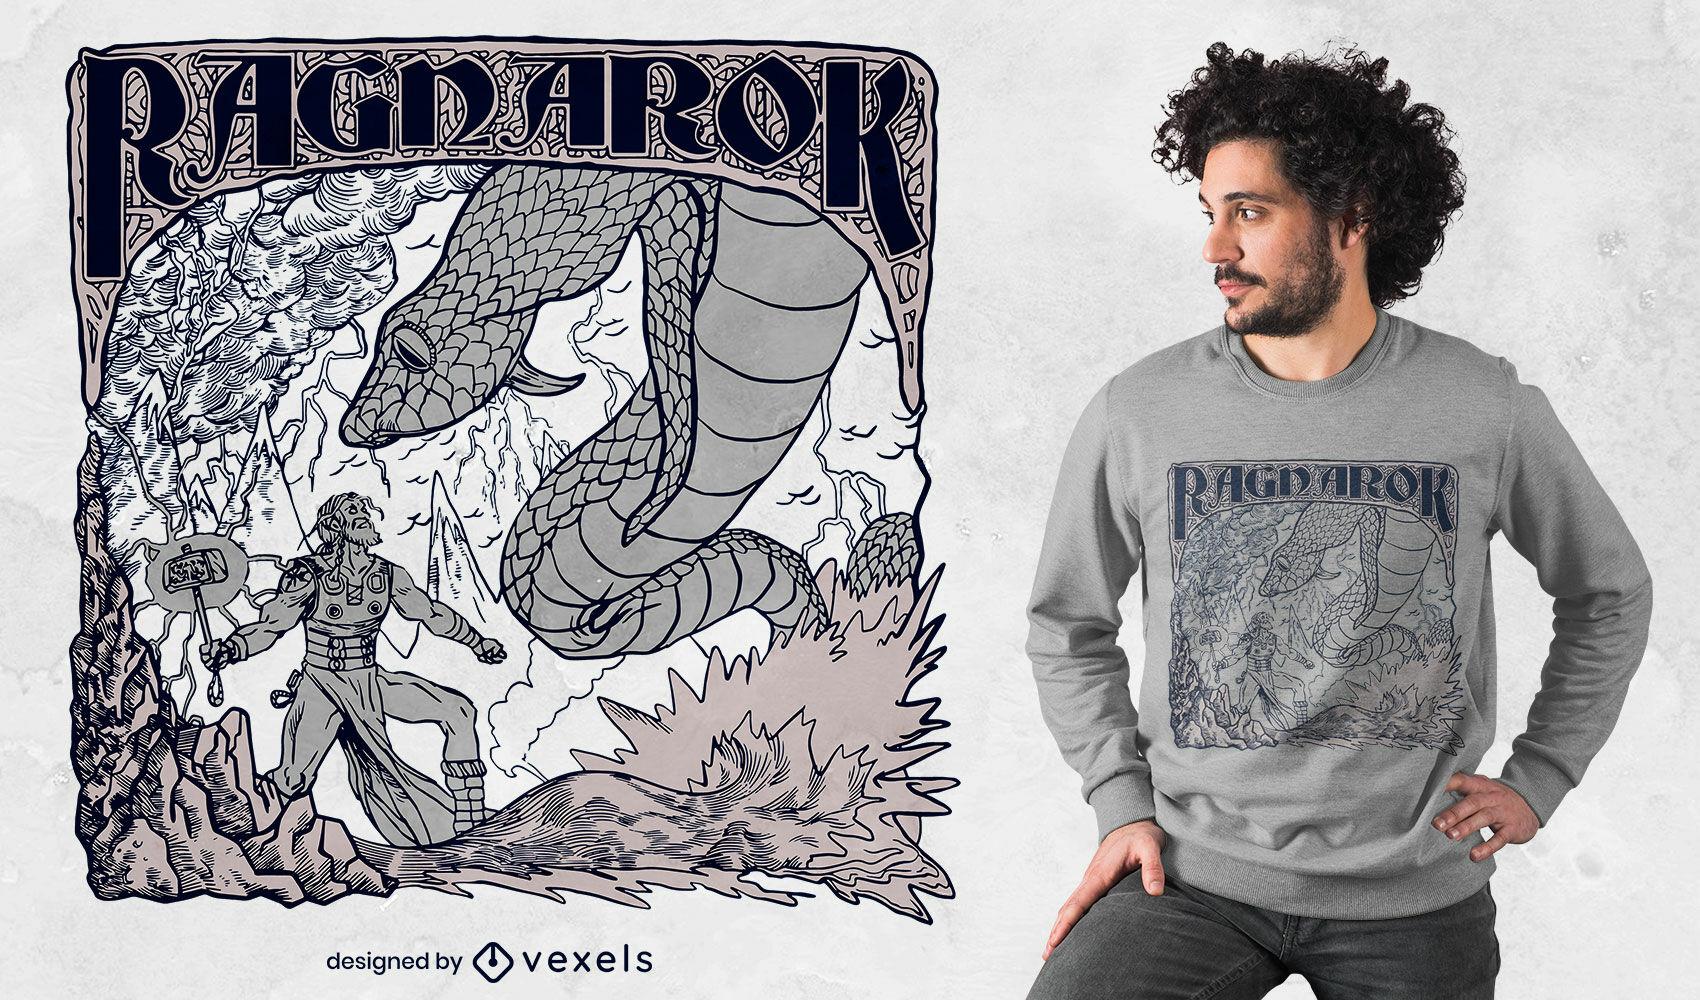 Dise?o de camiseta de batalla de mitolog?a n?rdica Ragnarok